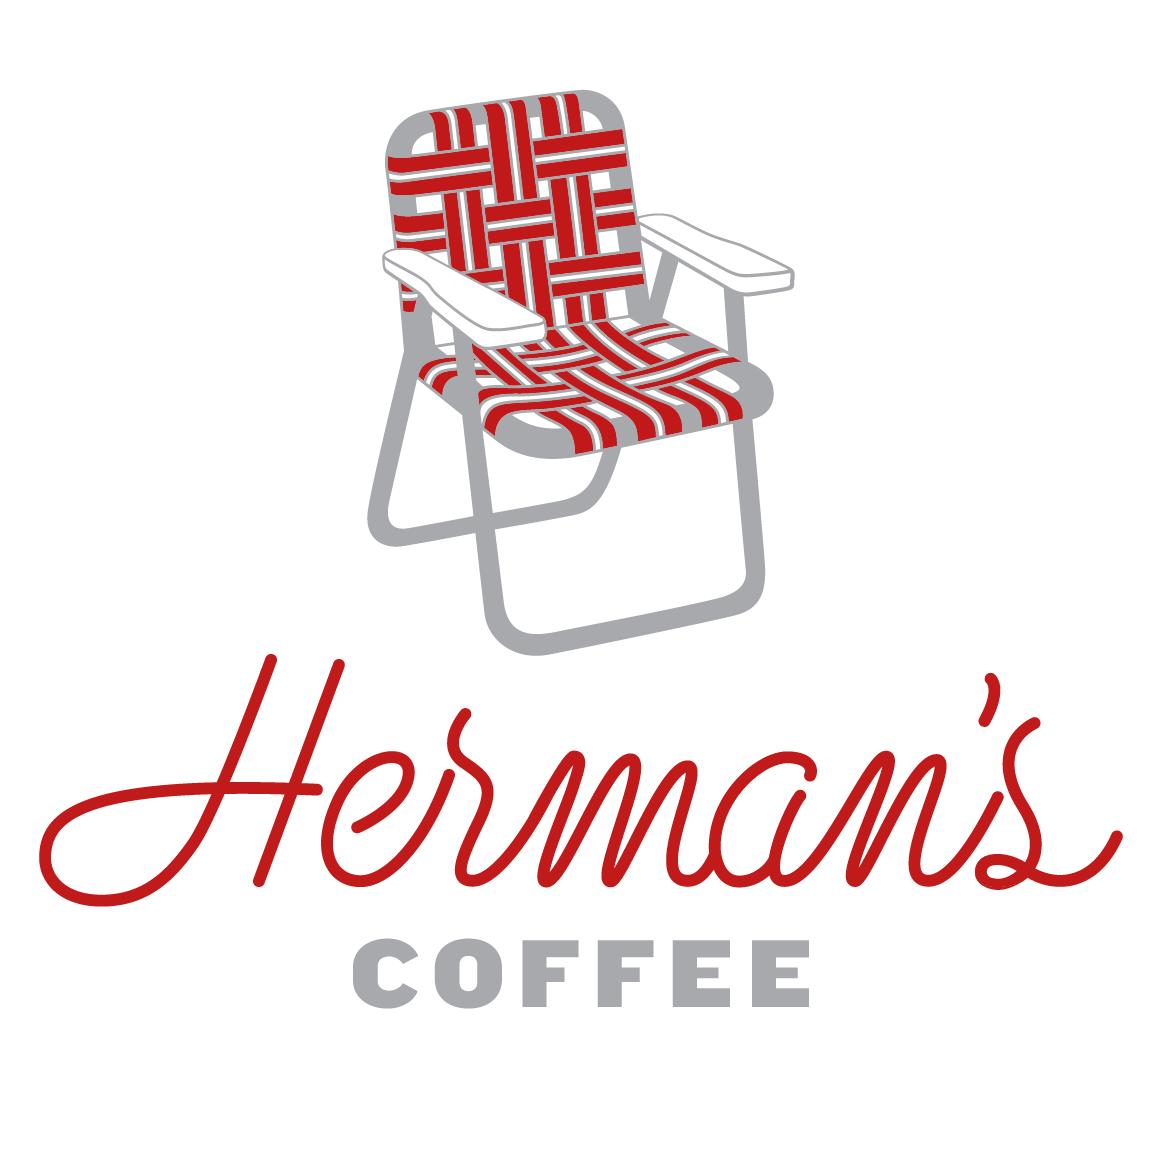 hermans-coffee-philadelphia-backyard-originals-mixers